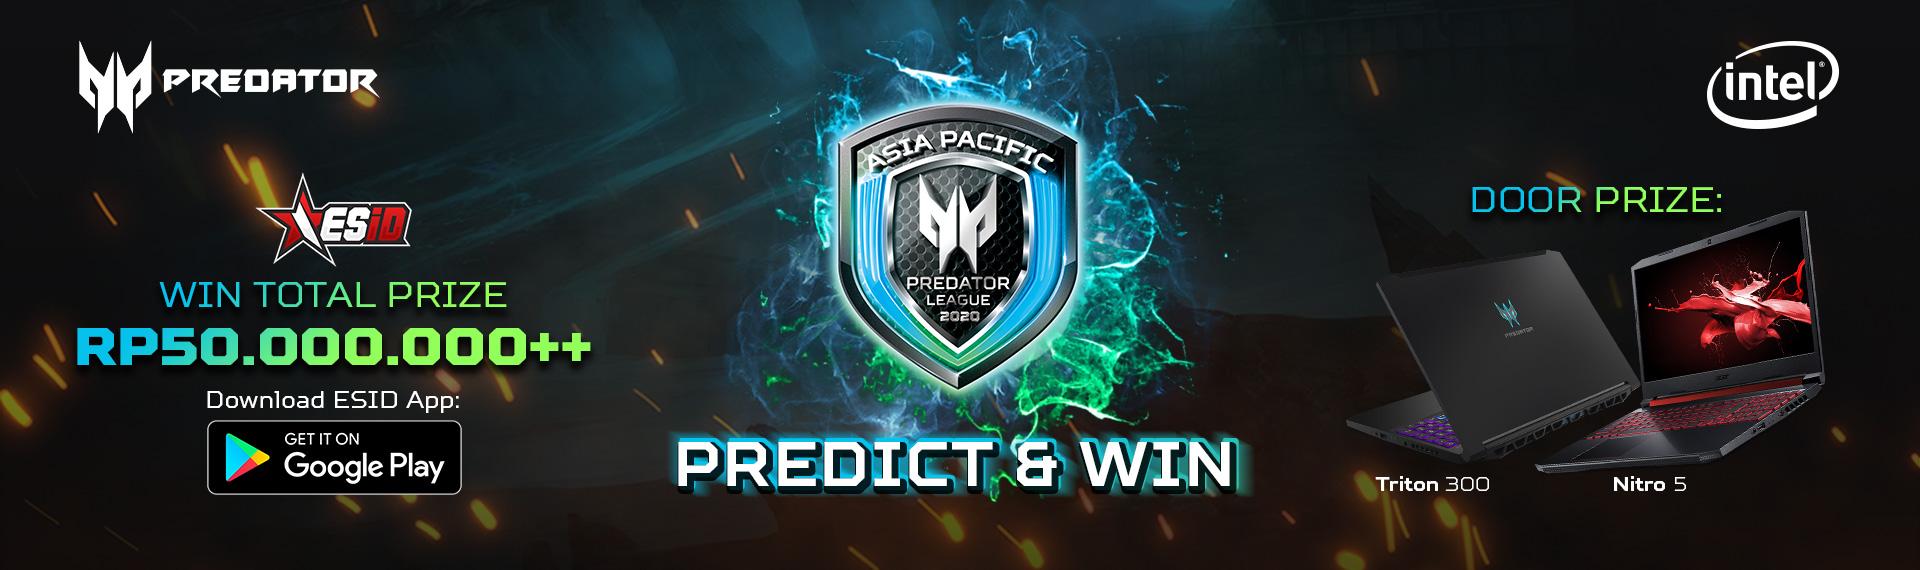 Yuk, Prediksi Pemenang Indonesia Final Predator League 2020 lewat ESID Apps dan Menangkan Hadiah Menarik Sebesar Total Rp50 Juta!